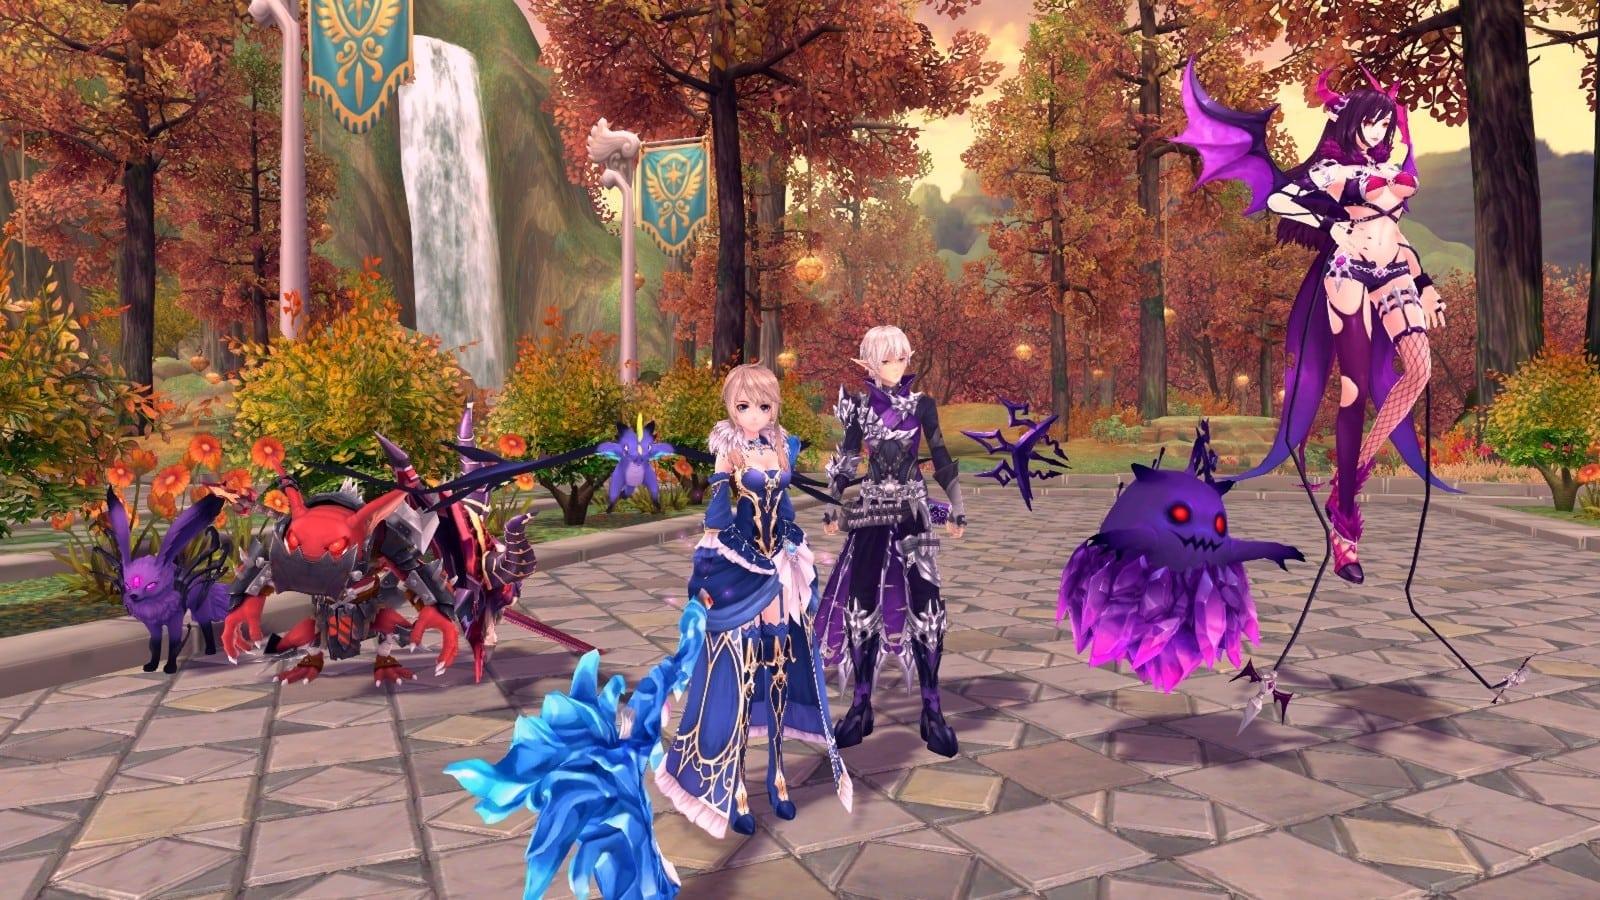 Fantasy Frontier - Scythe summons 2